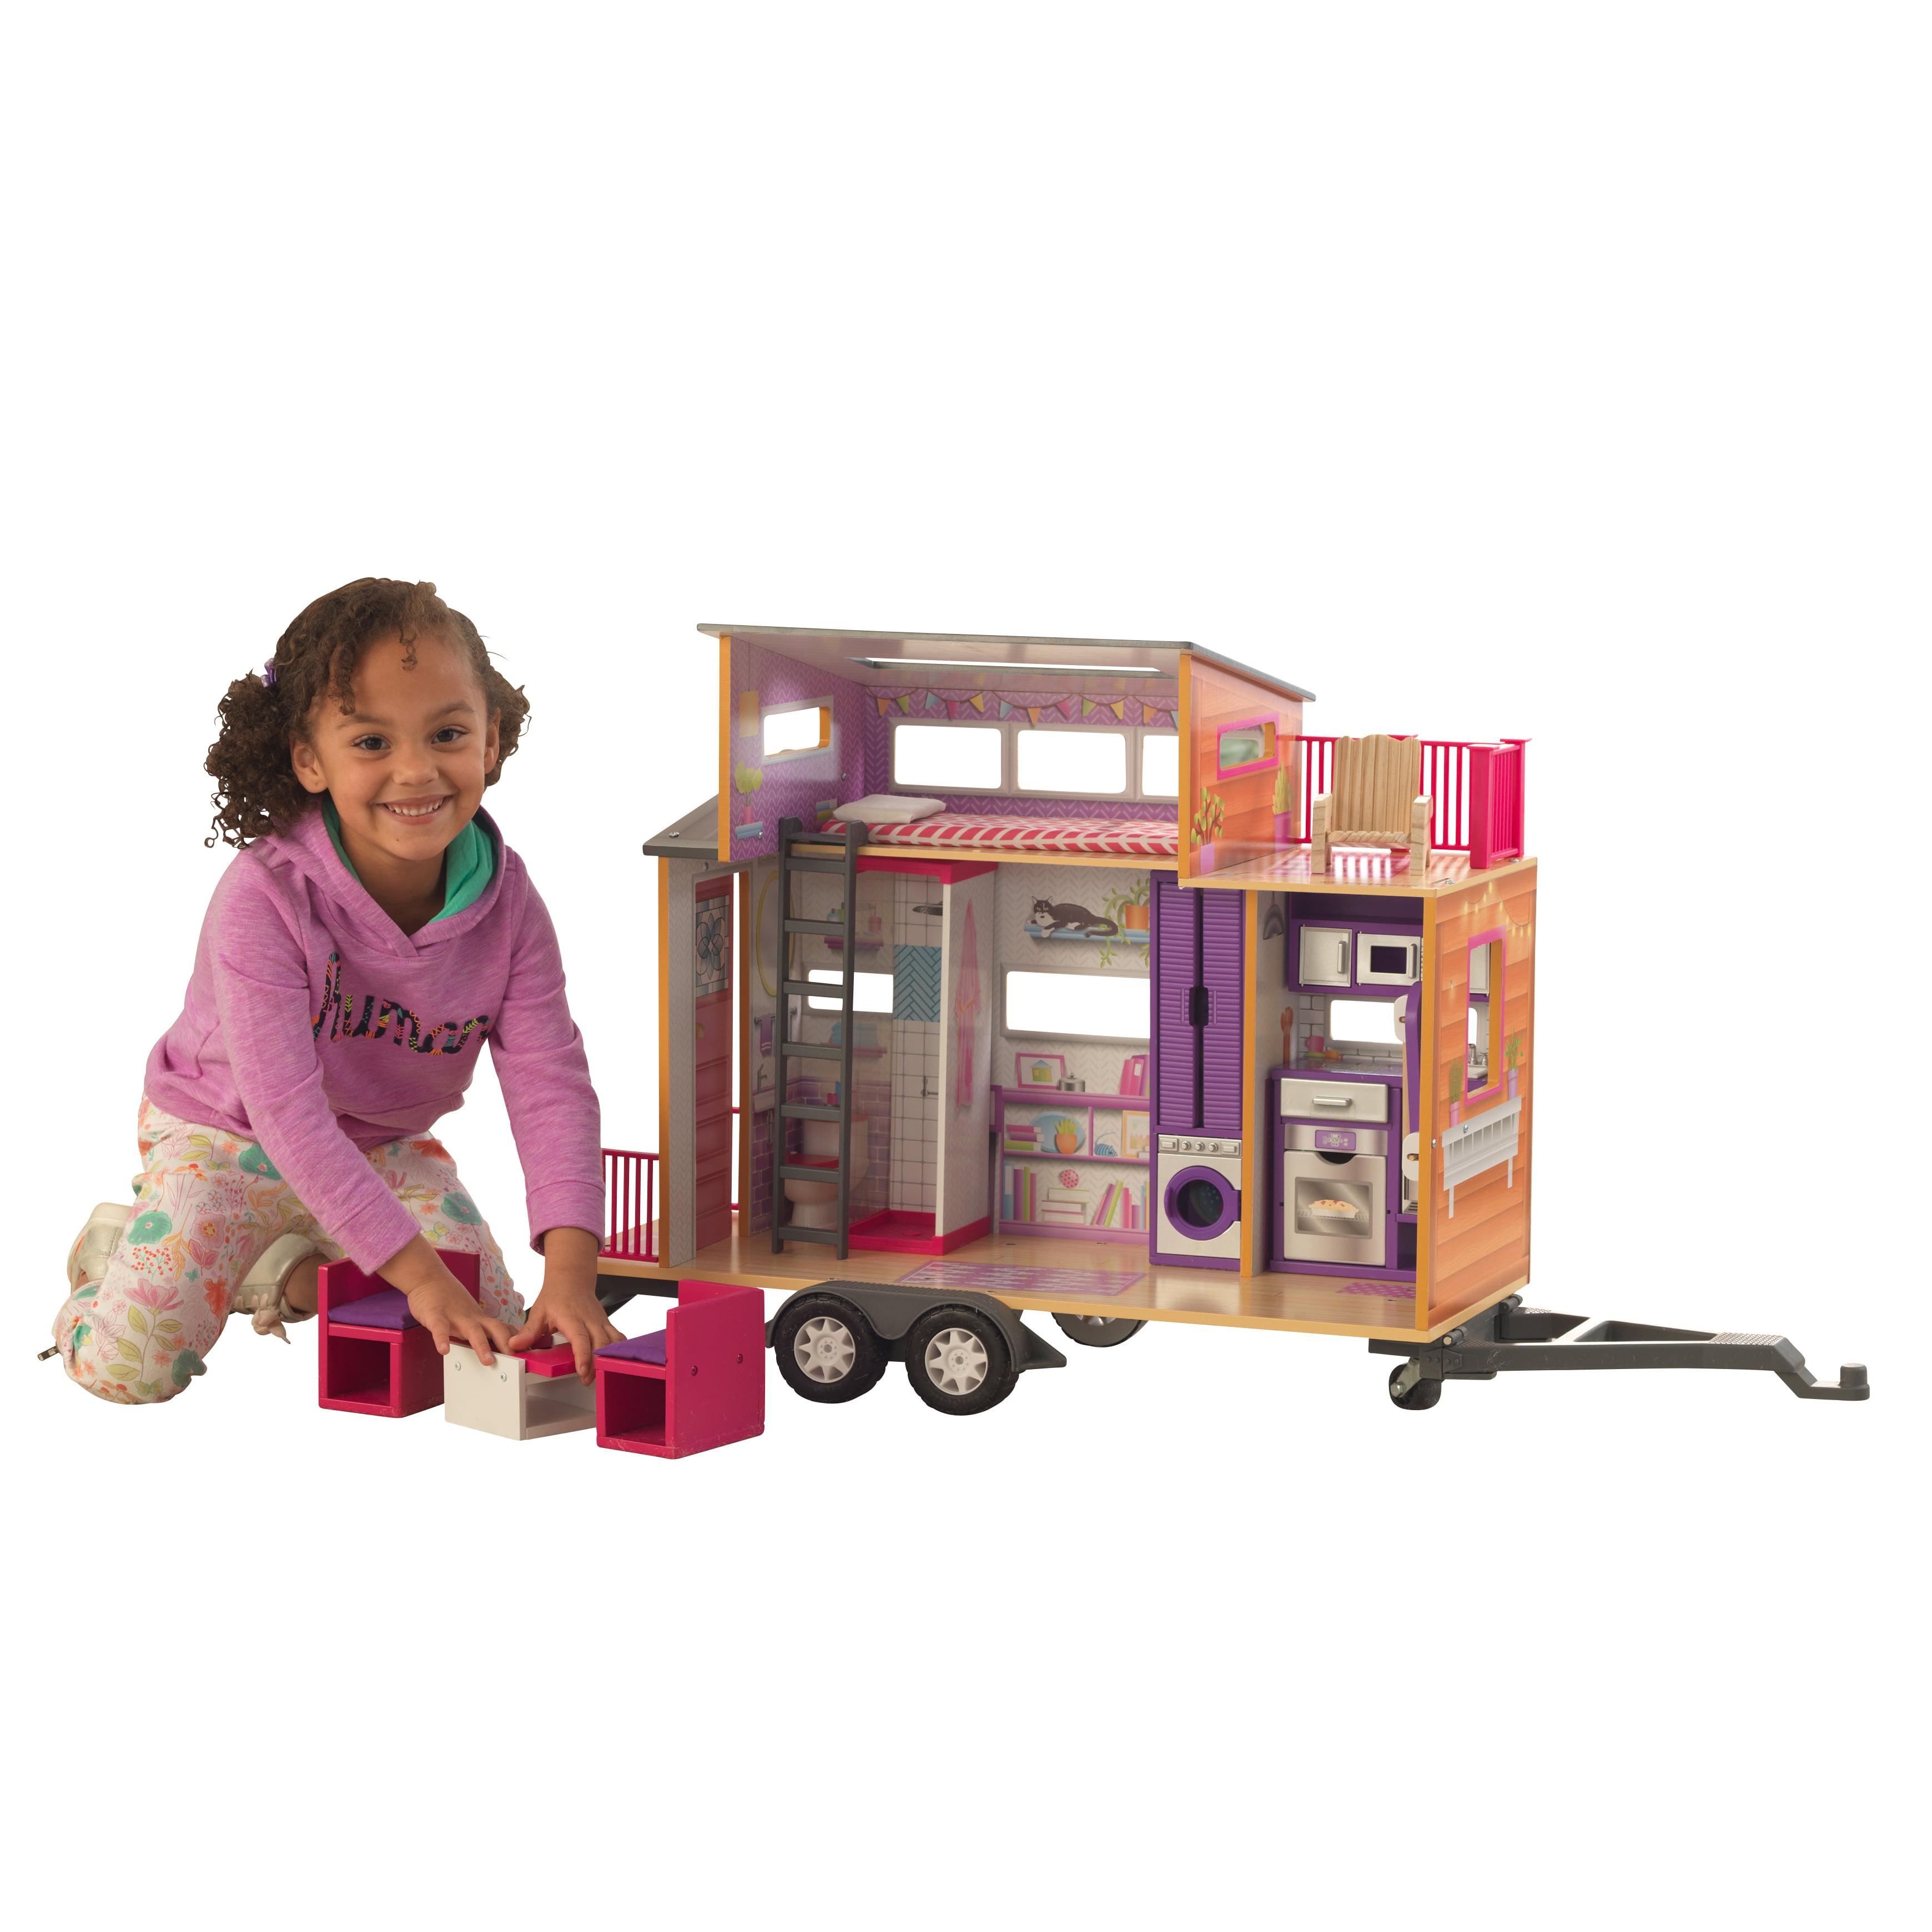 KidKraft Teeny House Dollhouse by KidKraft